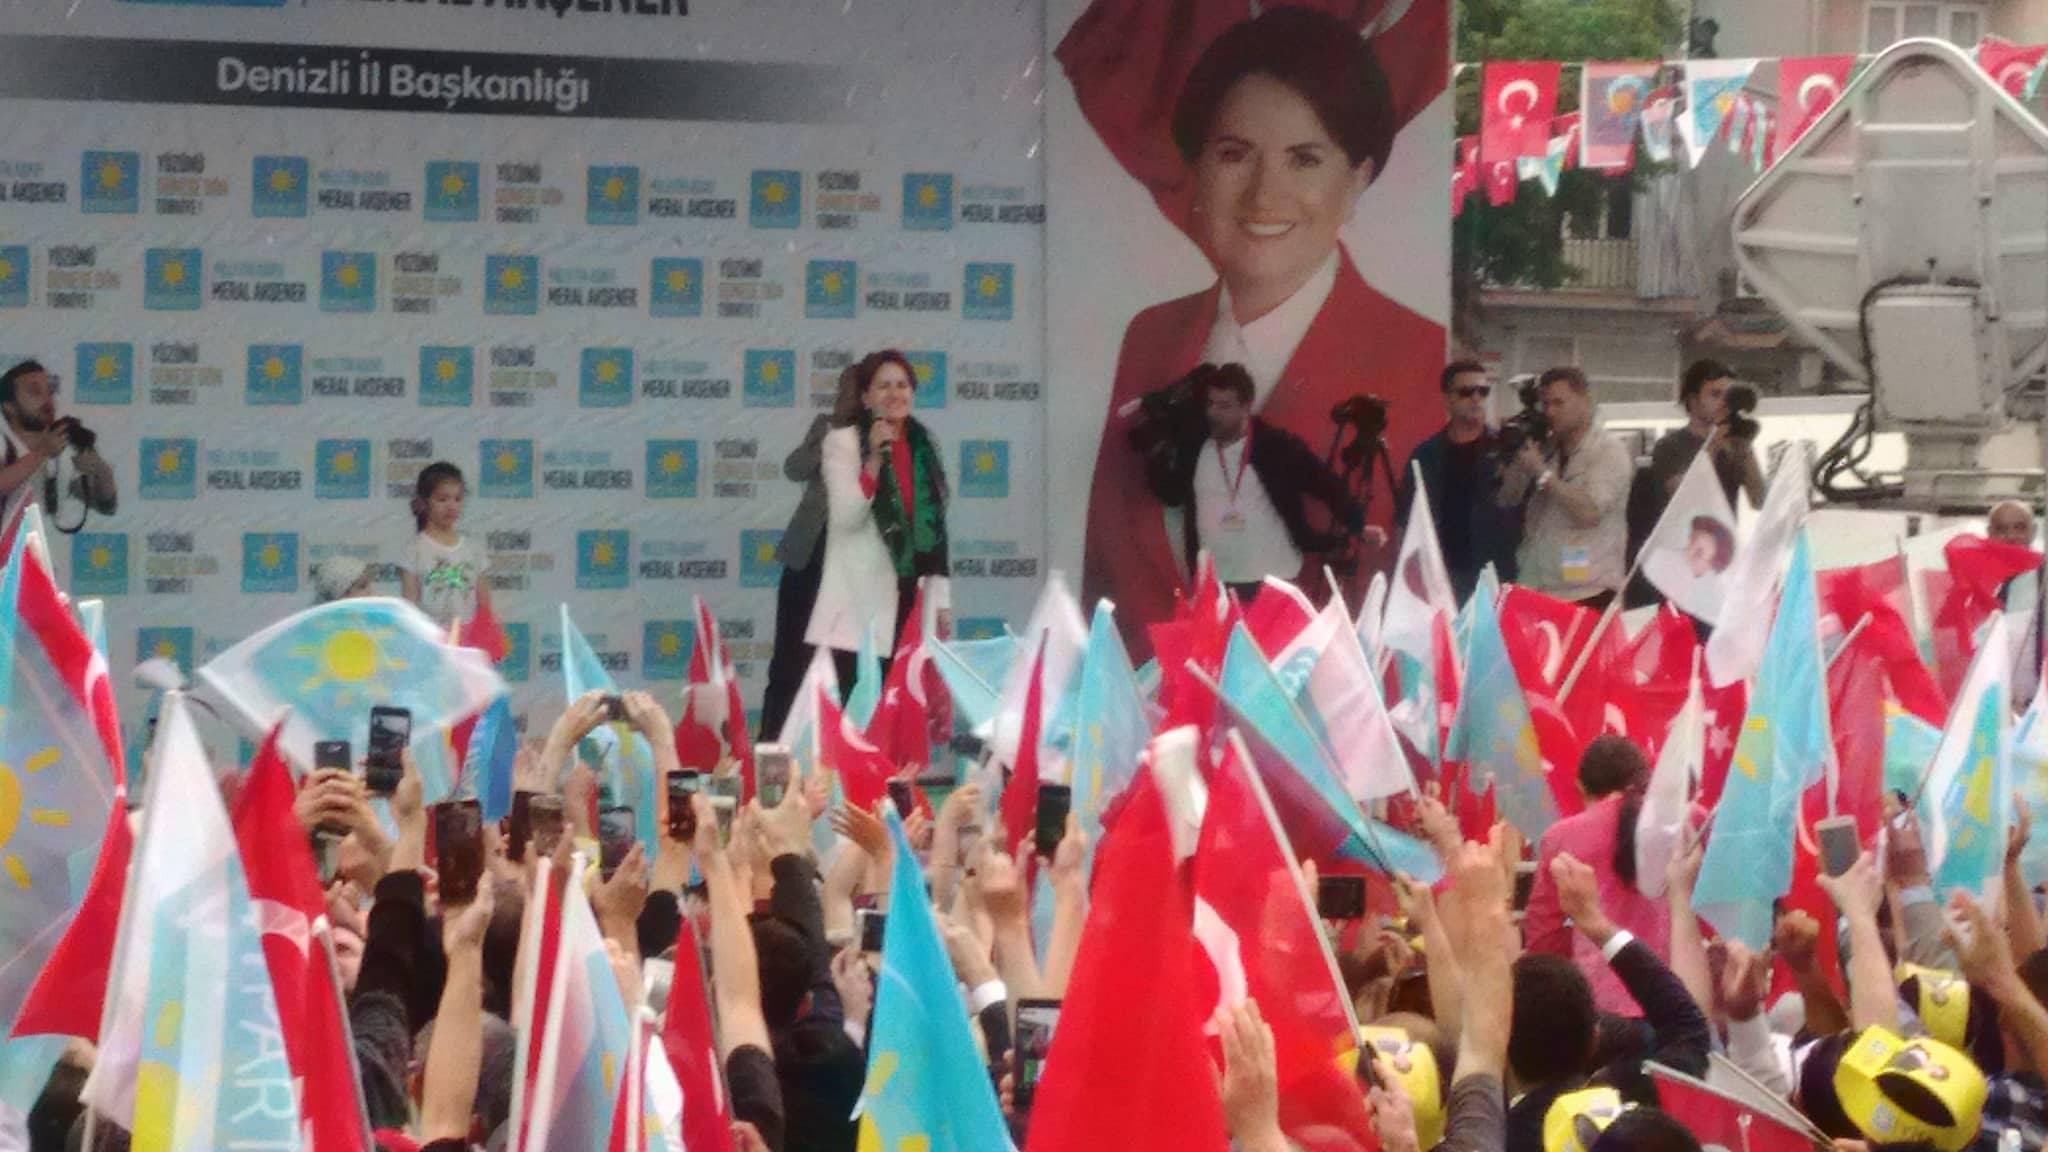 Başkan Akşener Denizli'de! 9